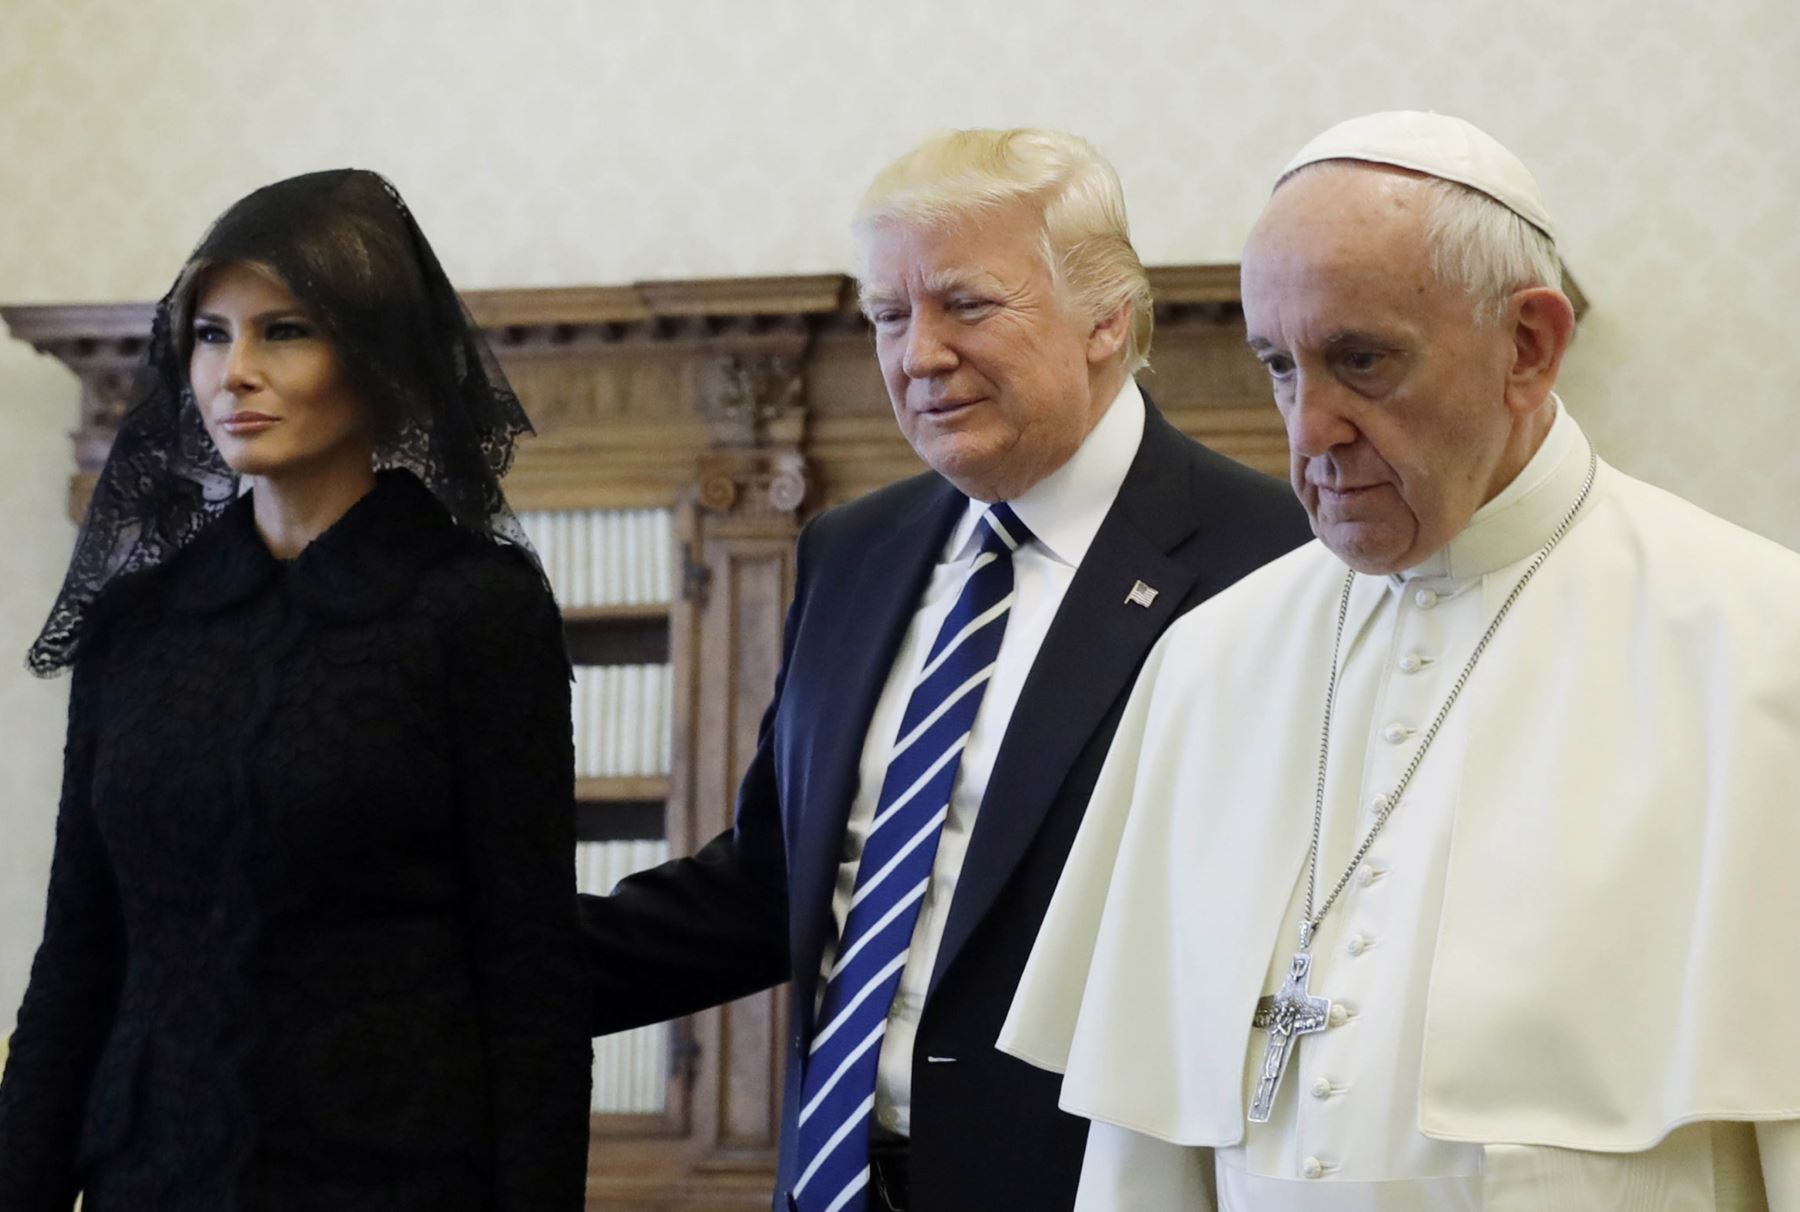 El presidente de Estados Unidos, Donald Trump, se reúne con el papa Francisco en el Vaticano. Foto: AFP